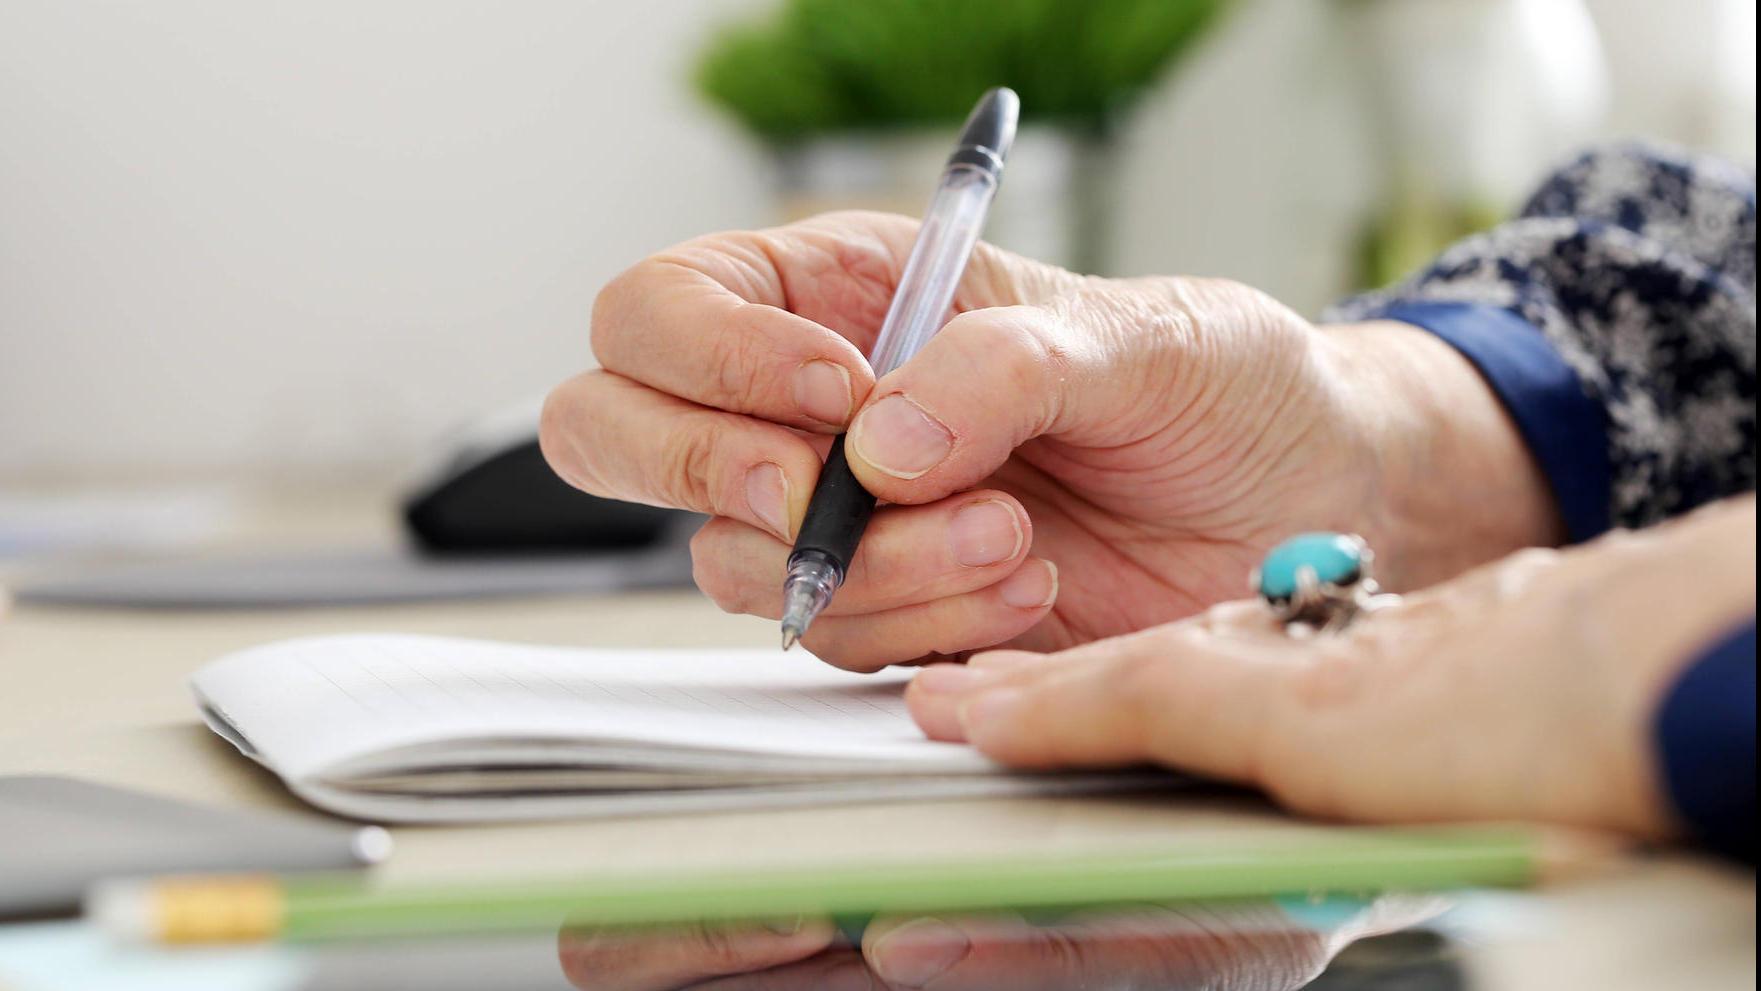 Steuer und Rente: Rentendaten gehen automatisch ans Finanzamt